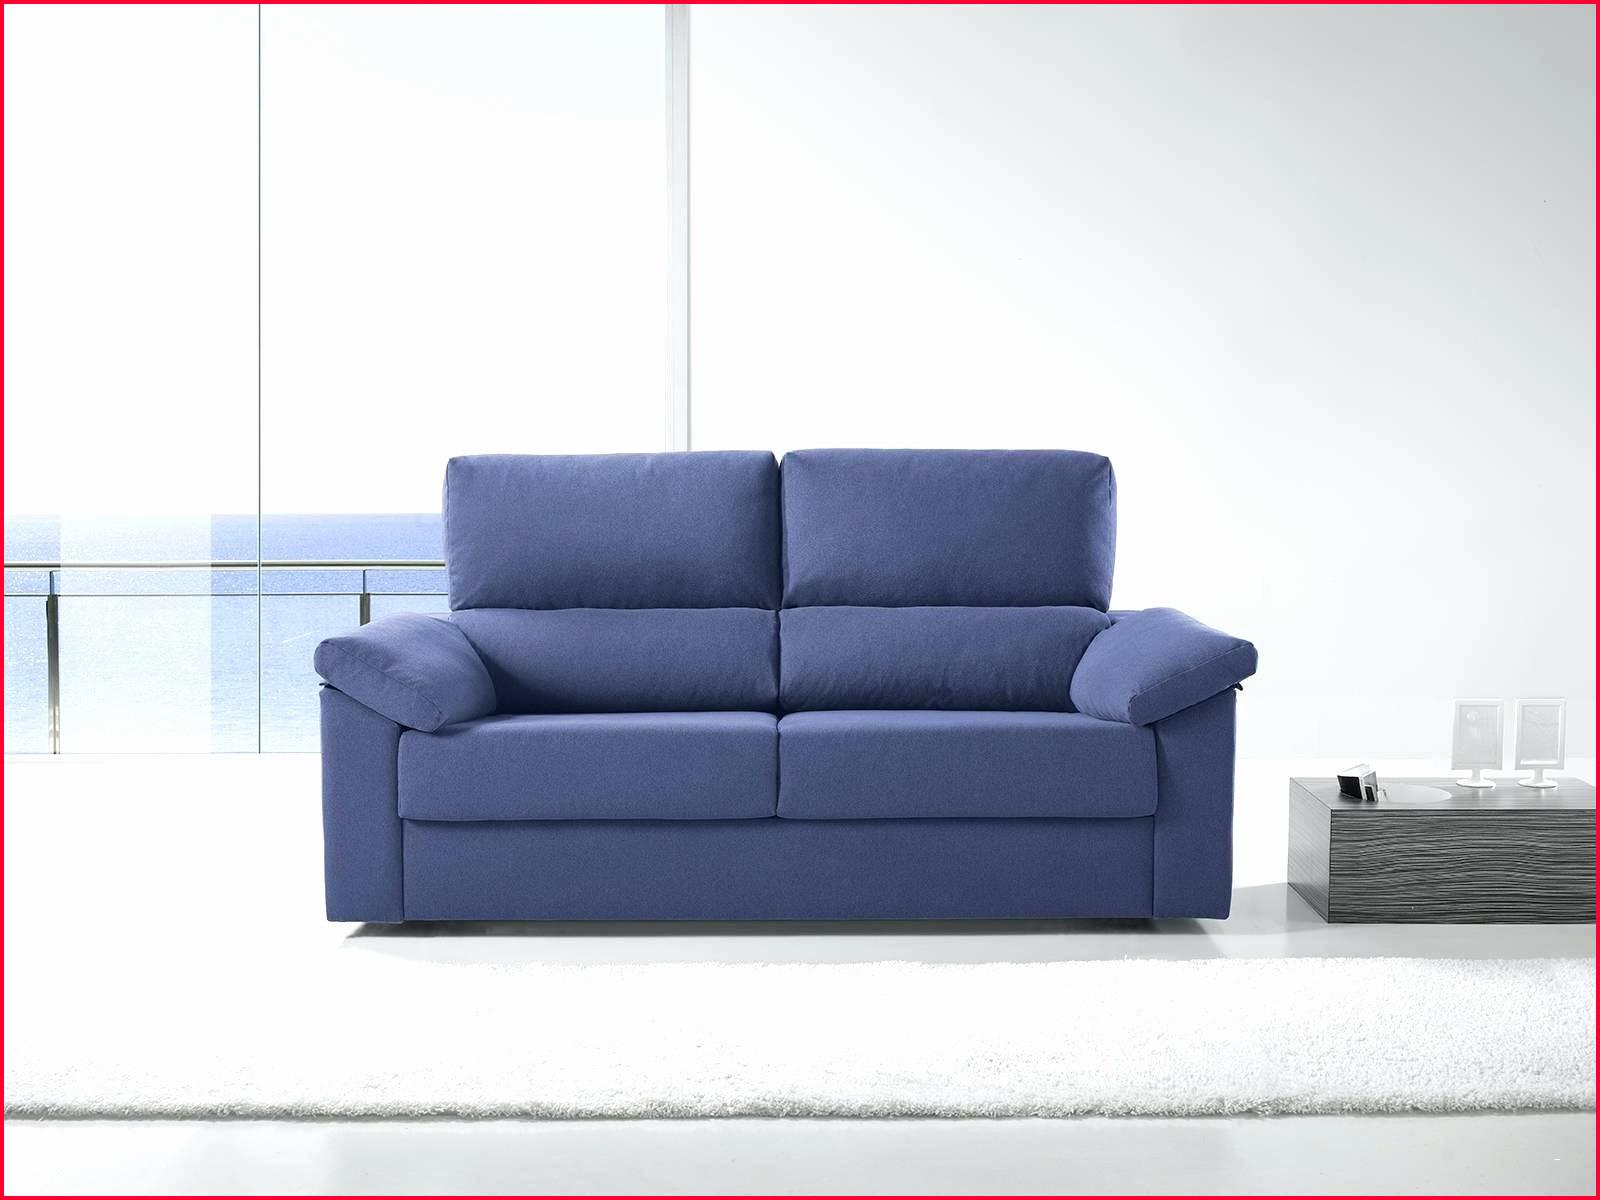 Sofas De Diseño Baratos Ipdd sofas Cama Diseà O Site De sofas Baratos Decoracià N